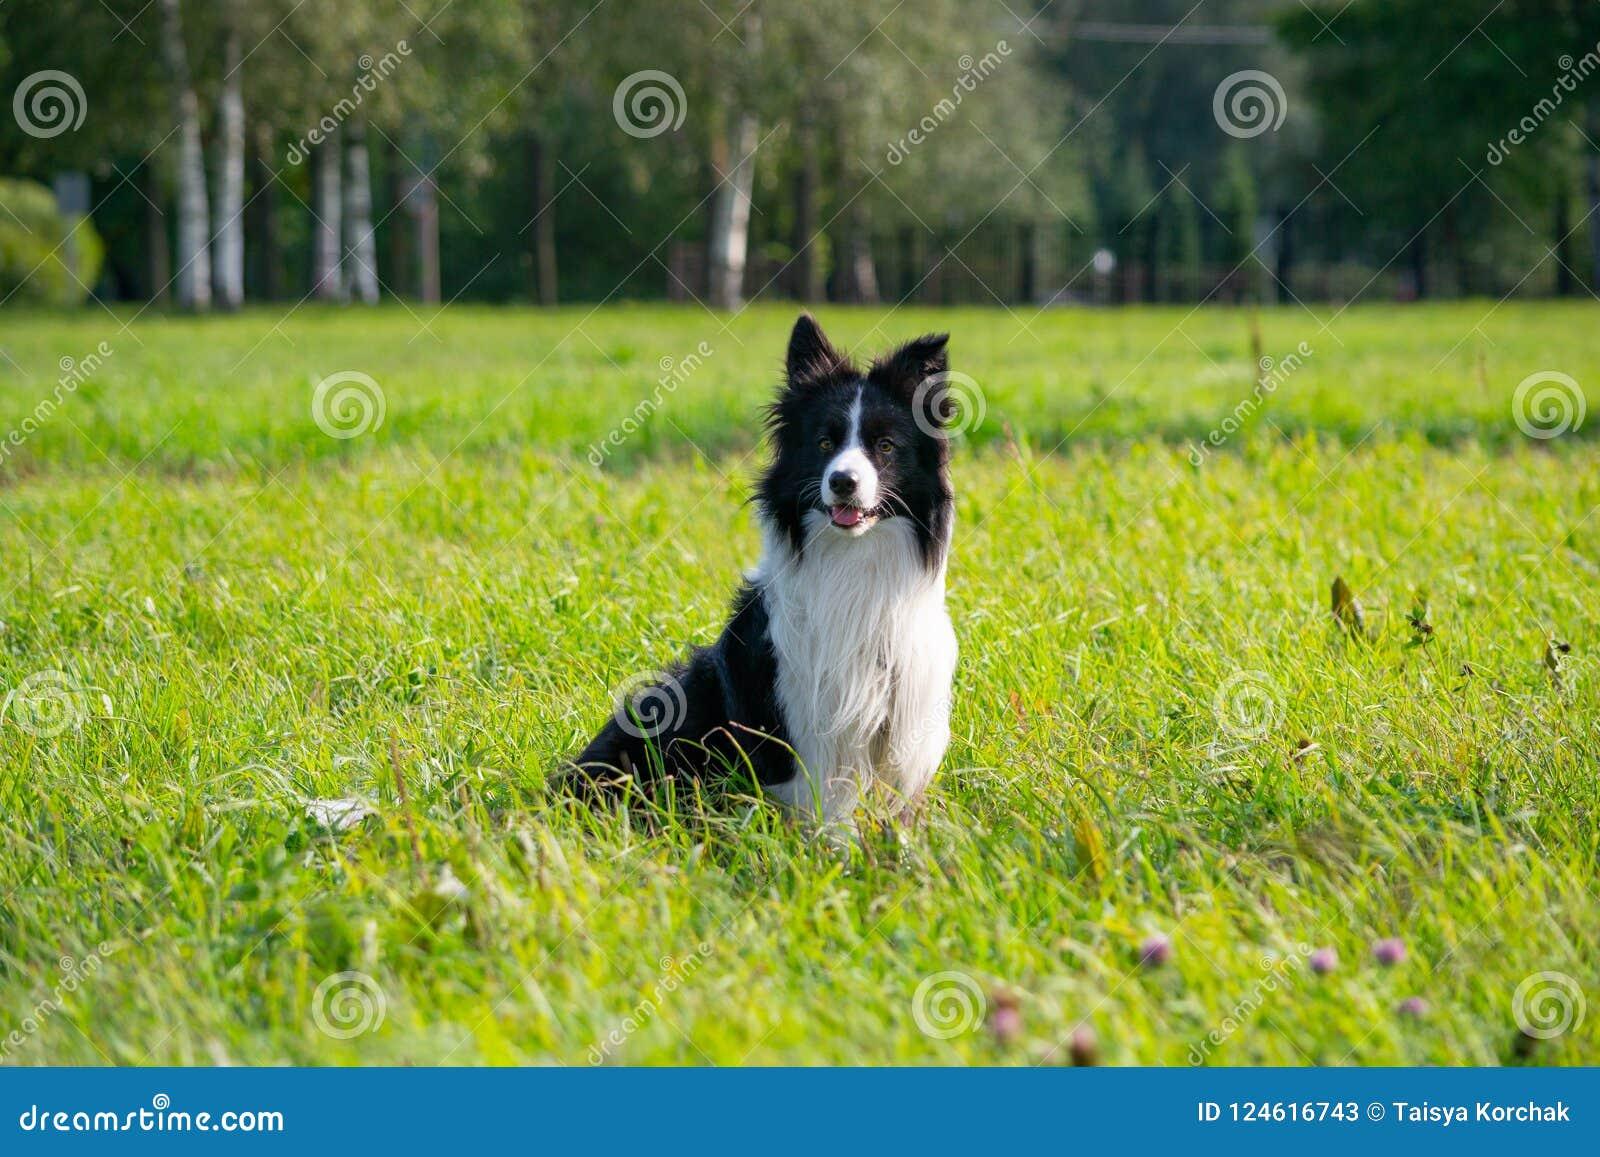 Jeune chien énergique sur une promenade Border collie